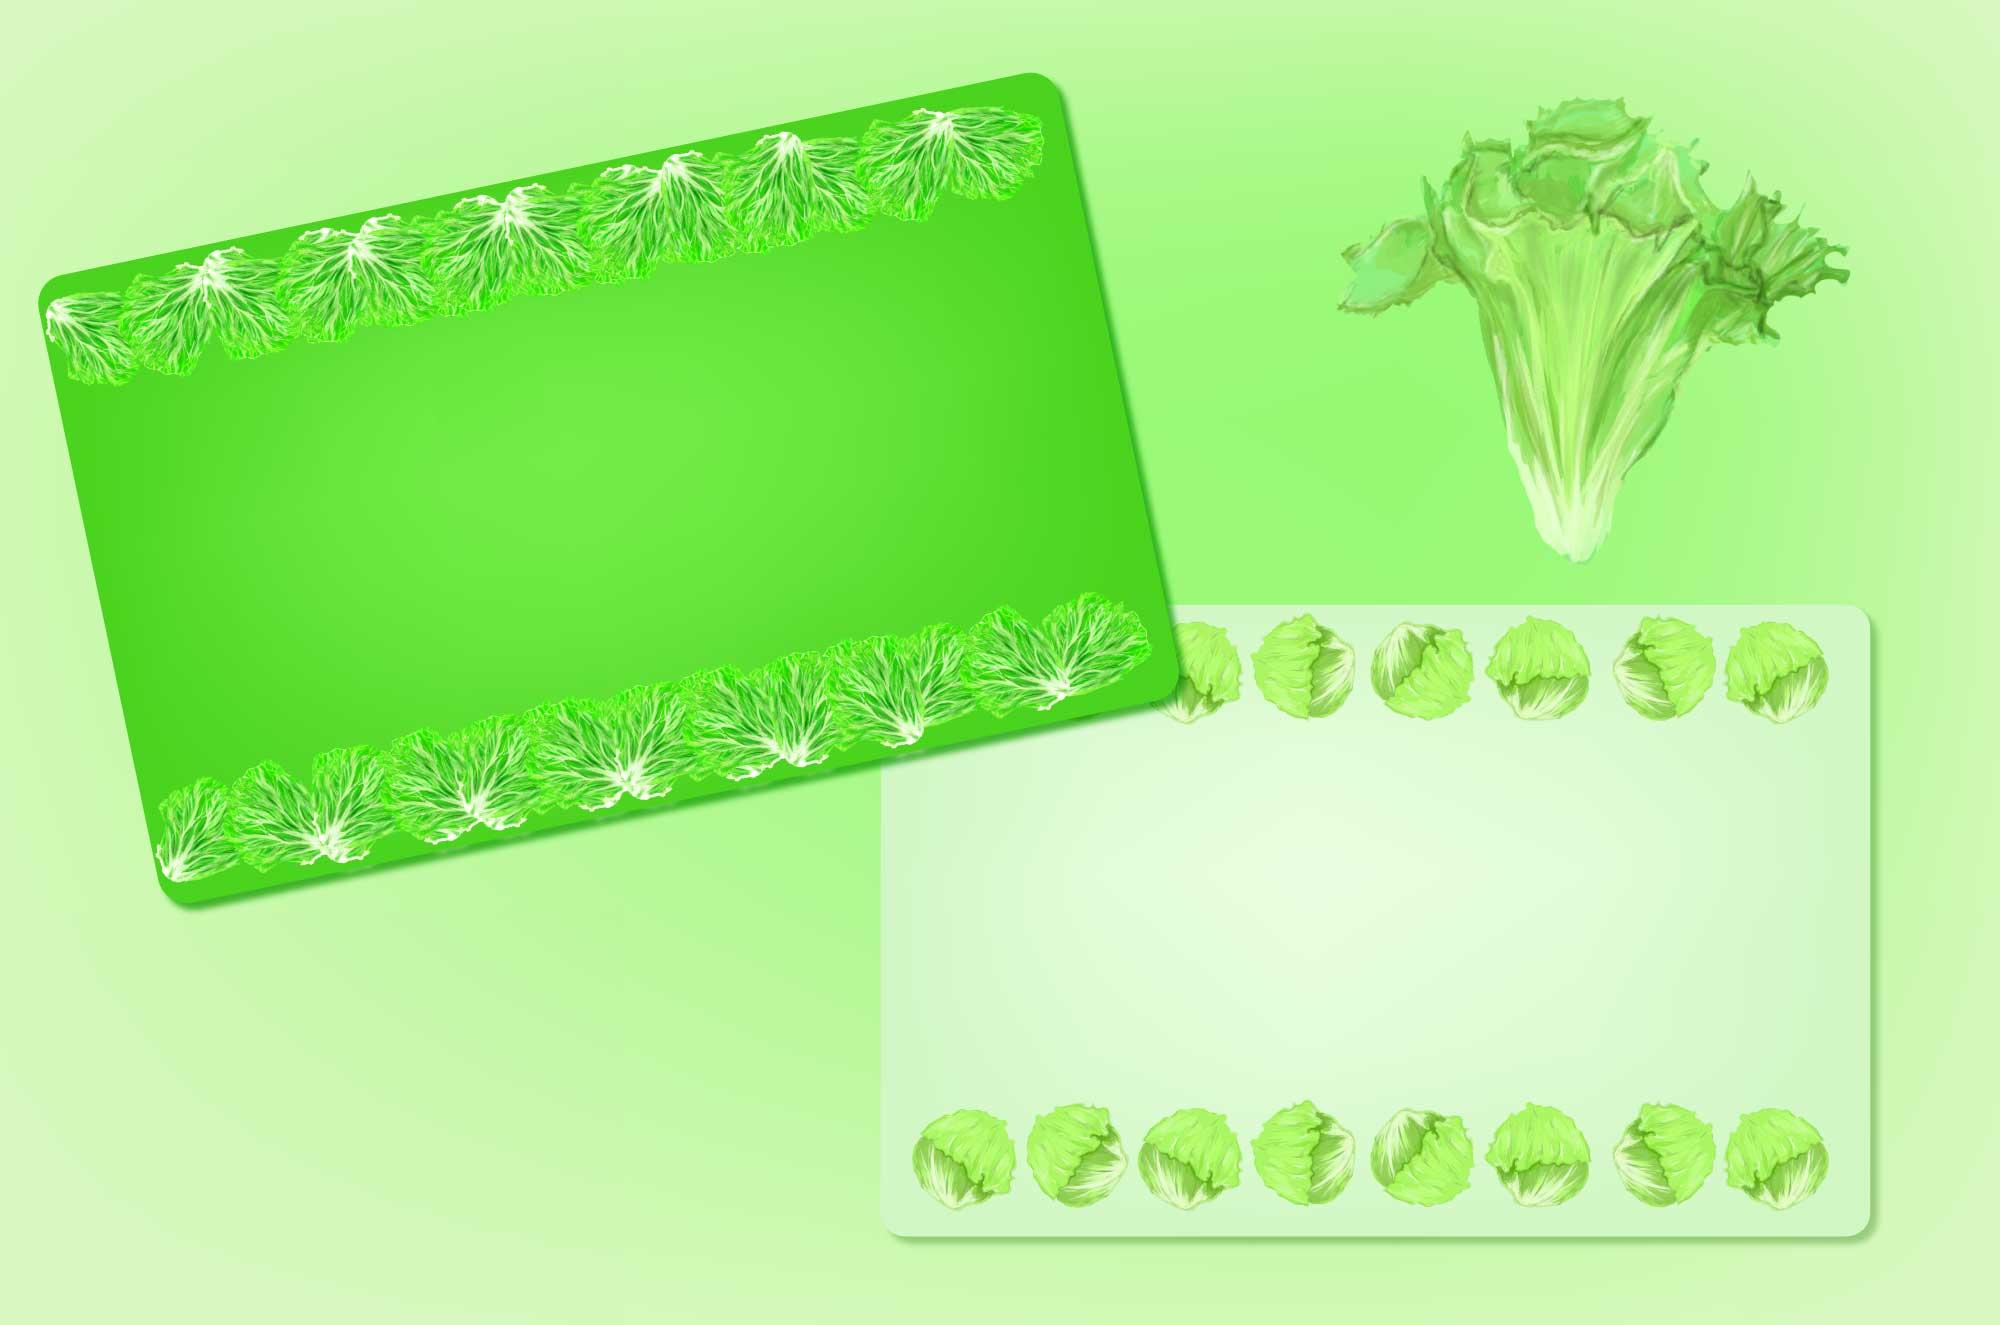 レタスのフレーム無料素材 - 新鮮野菜のカードデザイン